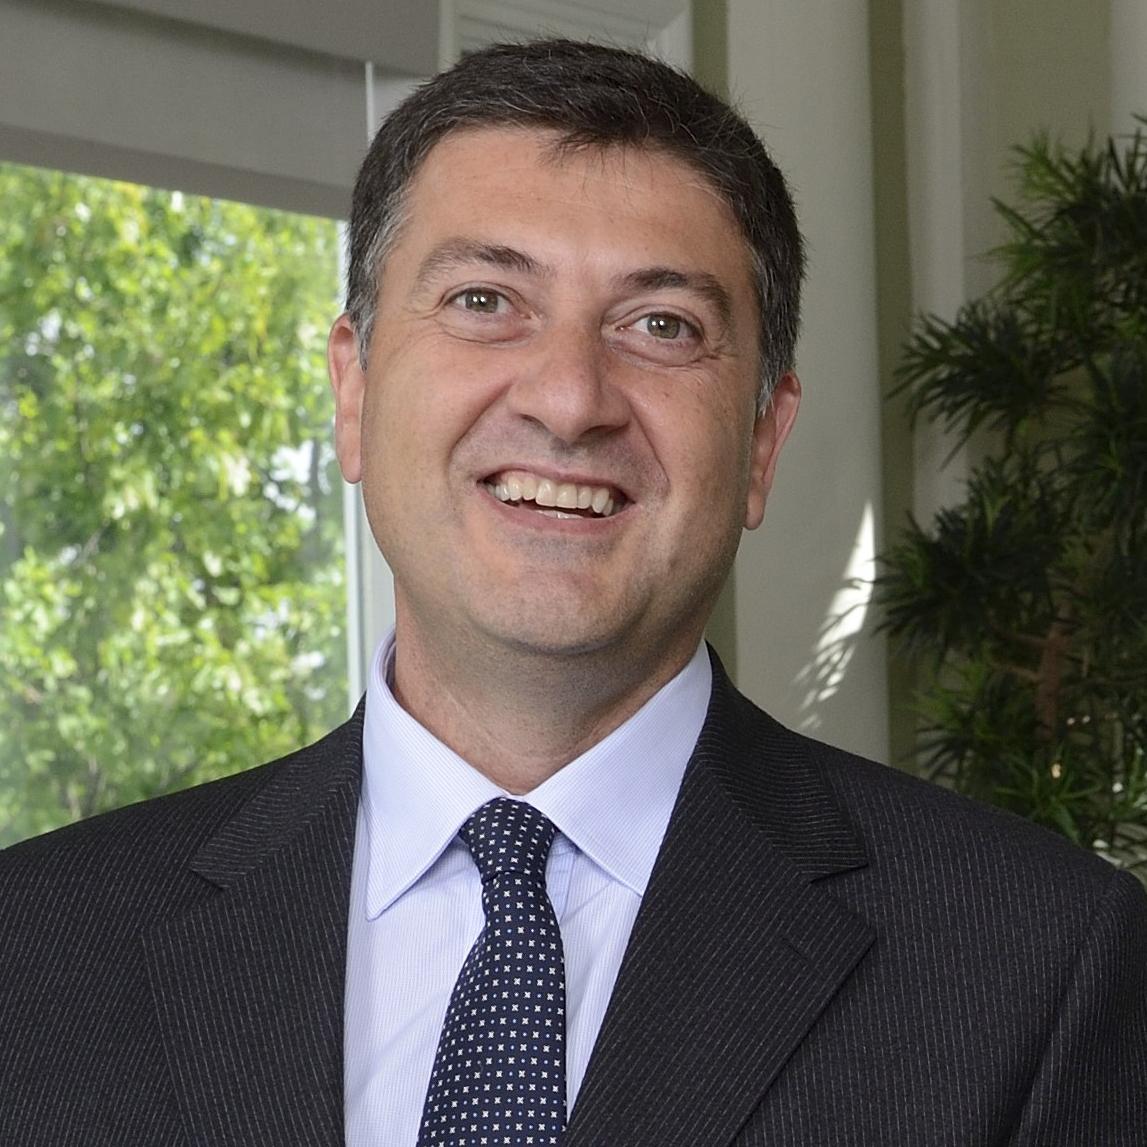 Emmanuel Kamarianakis